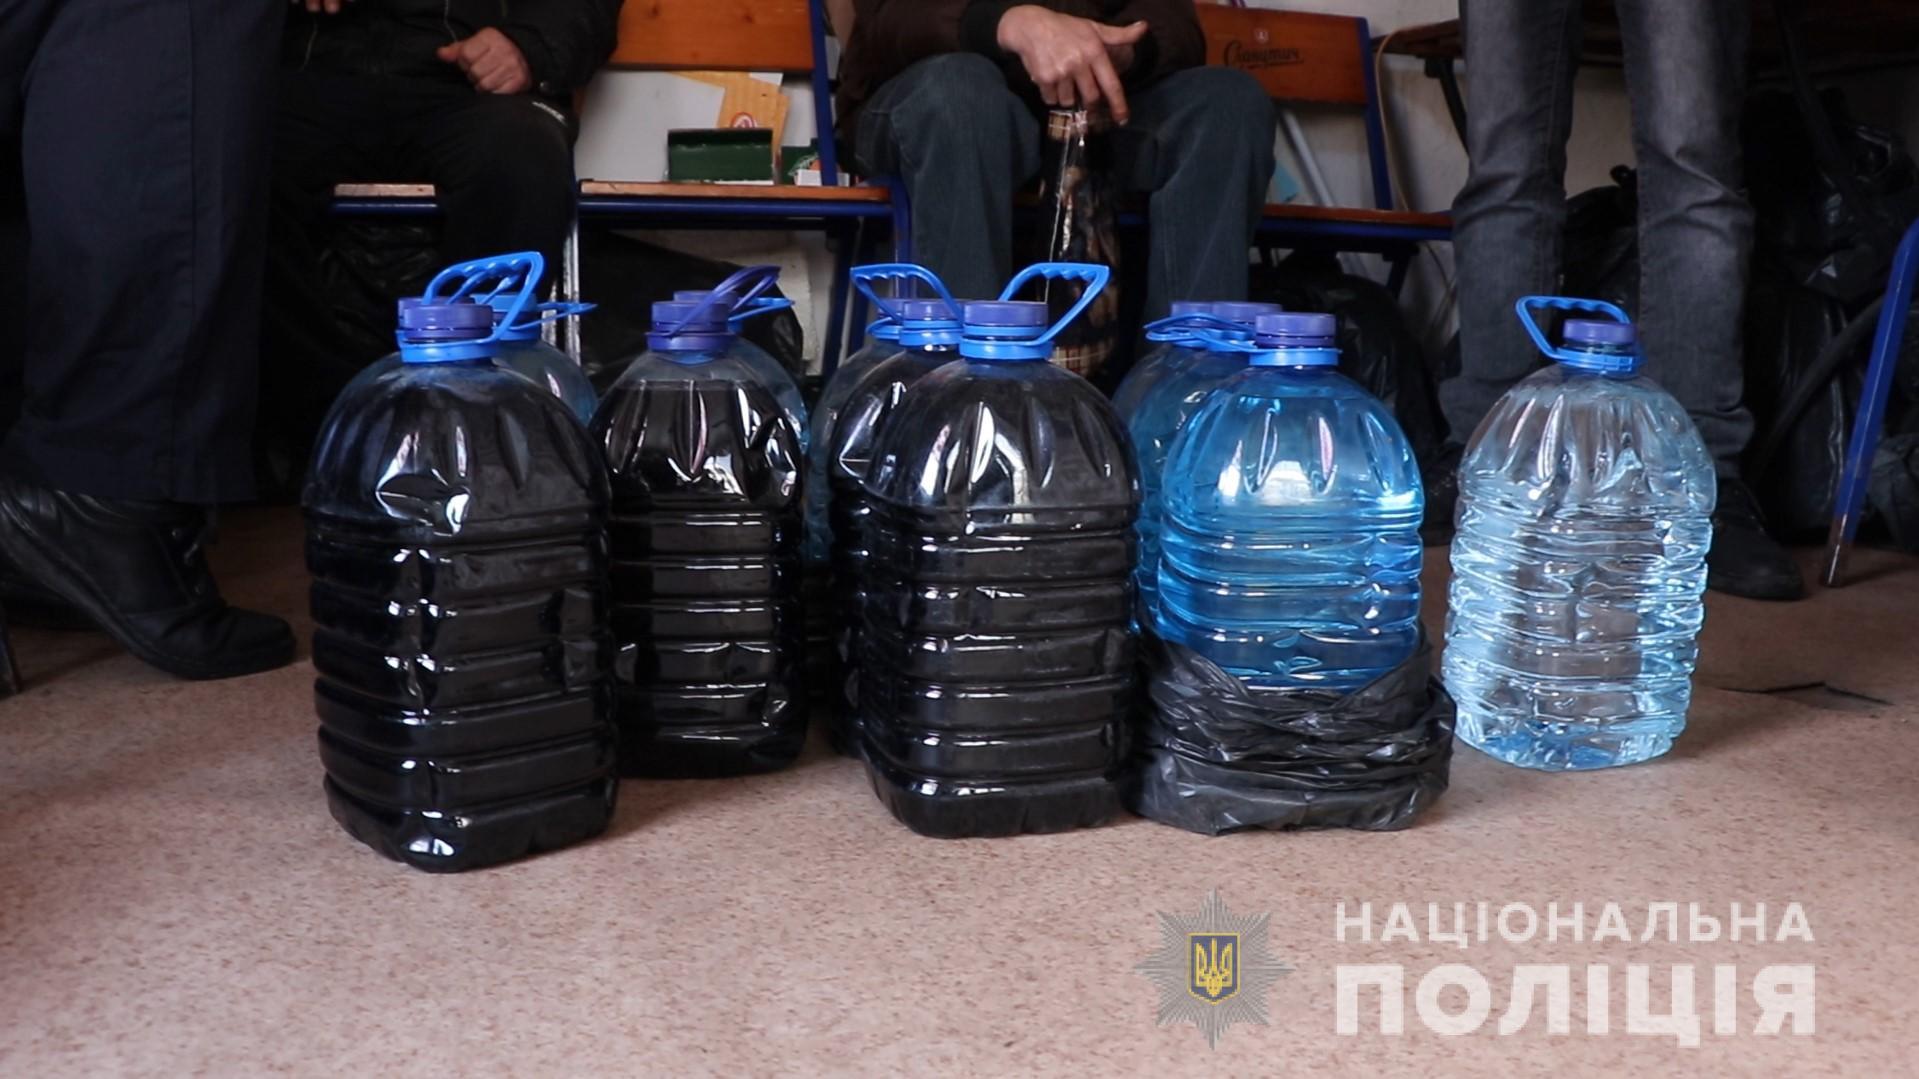 169 литров незаконного алкоголя было изъято полицией Харькова (фото)